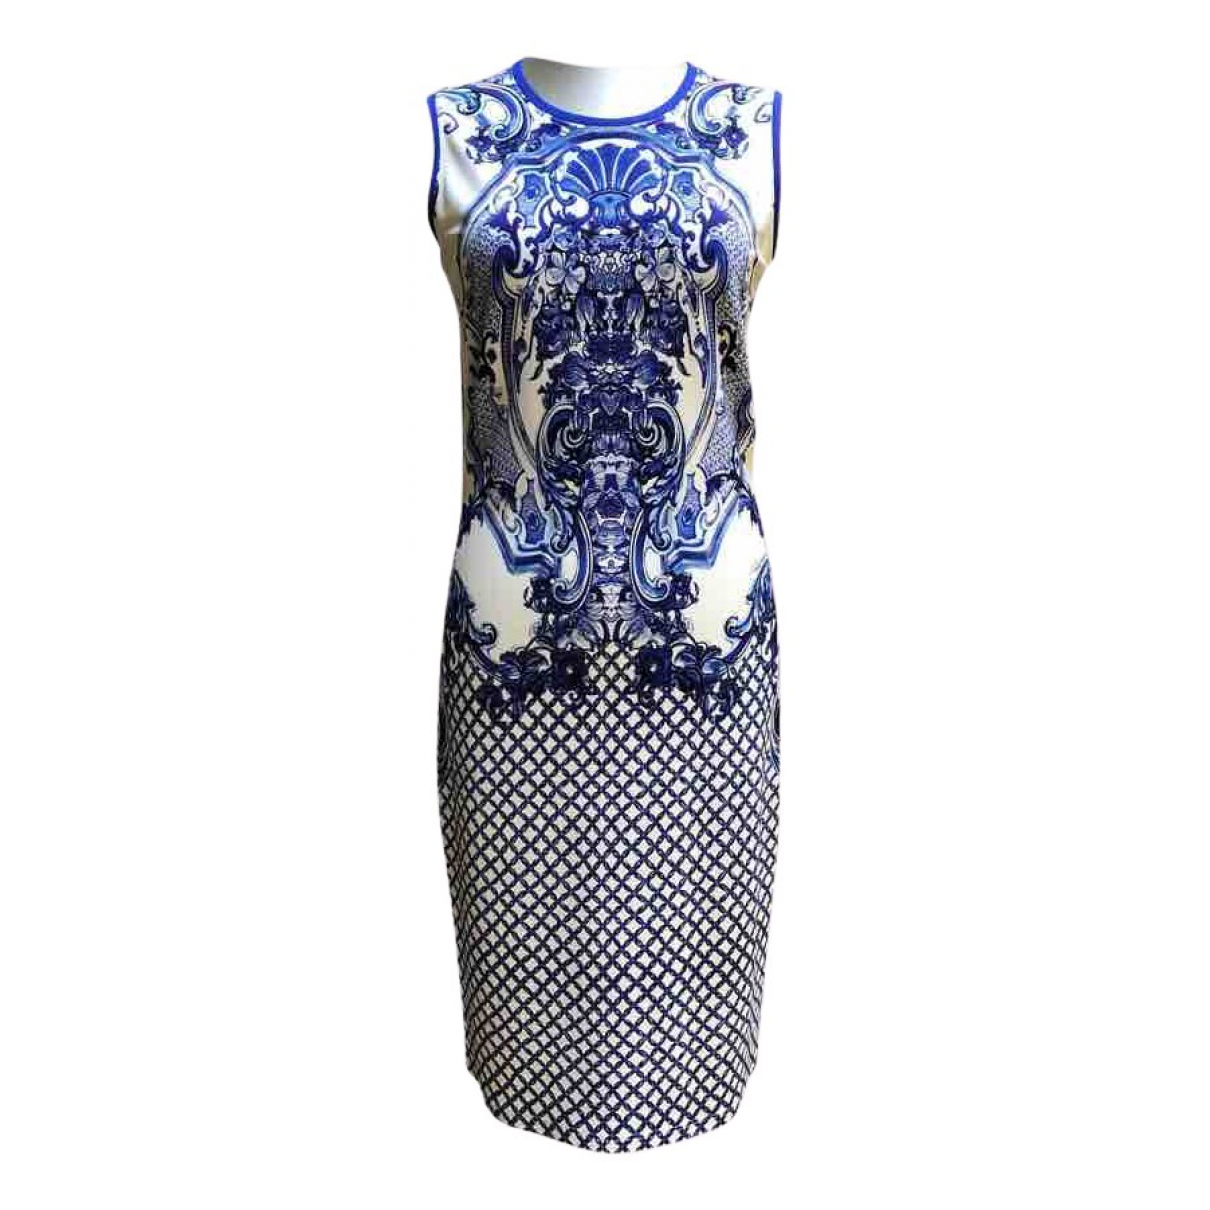 Roberto Cavalli \N Kleid in  Blau Viskose